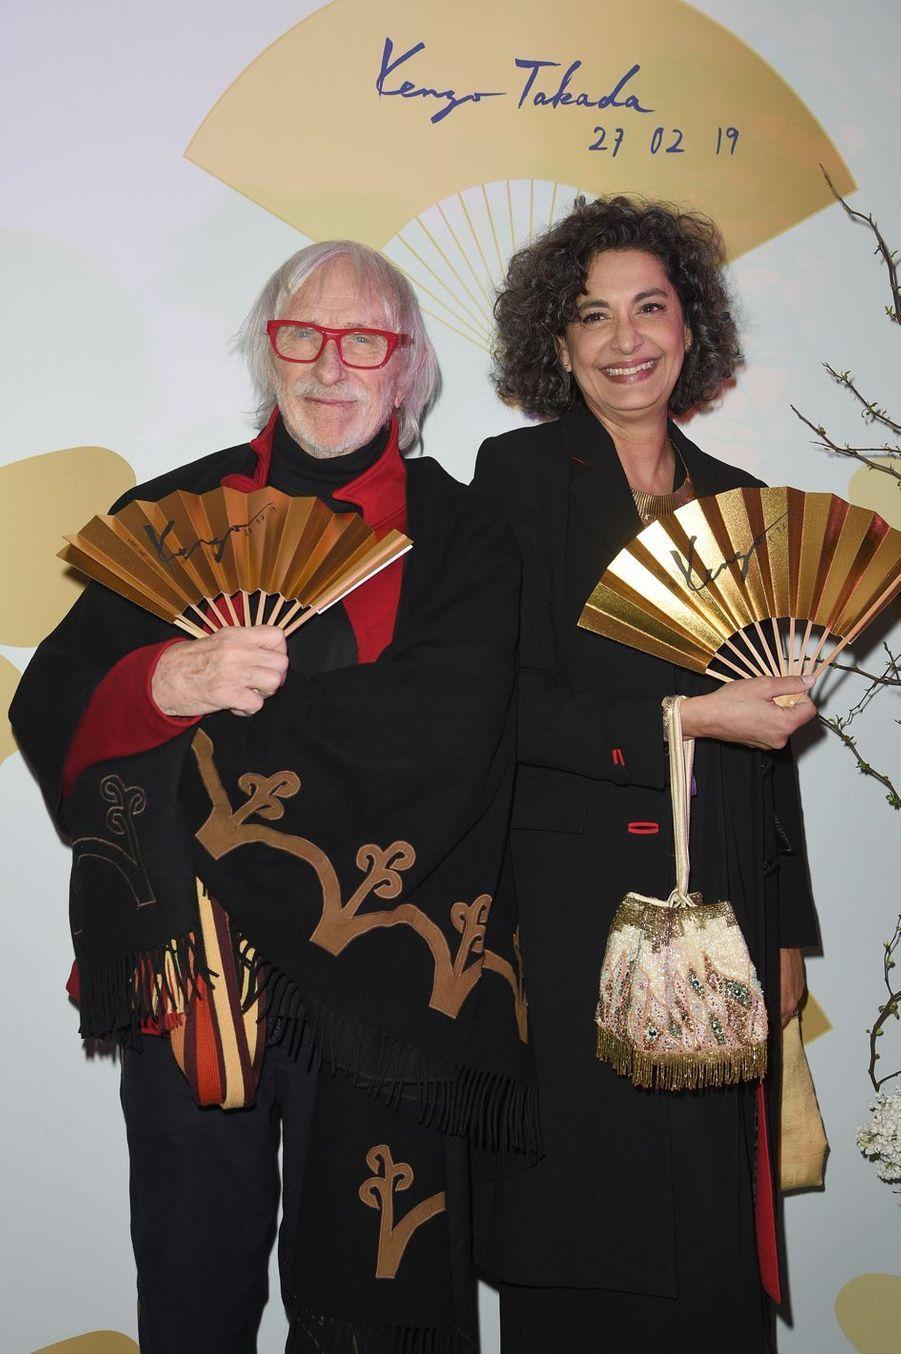 """Pierre Richard et sa femme Ceyla Lacerda pendant la soirée """"Kenzo Takada's Birthday Night"""" à Paris, le 28 février 2019"""